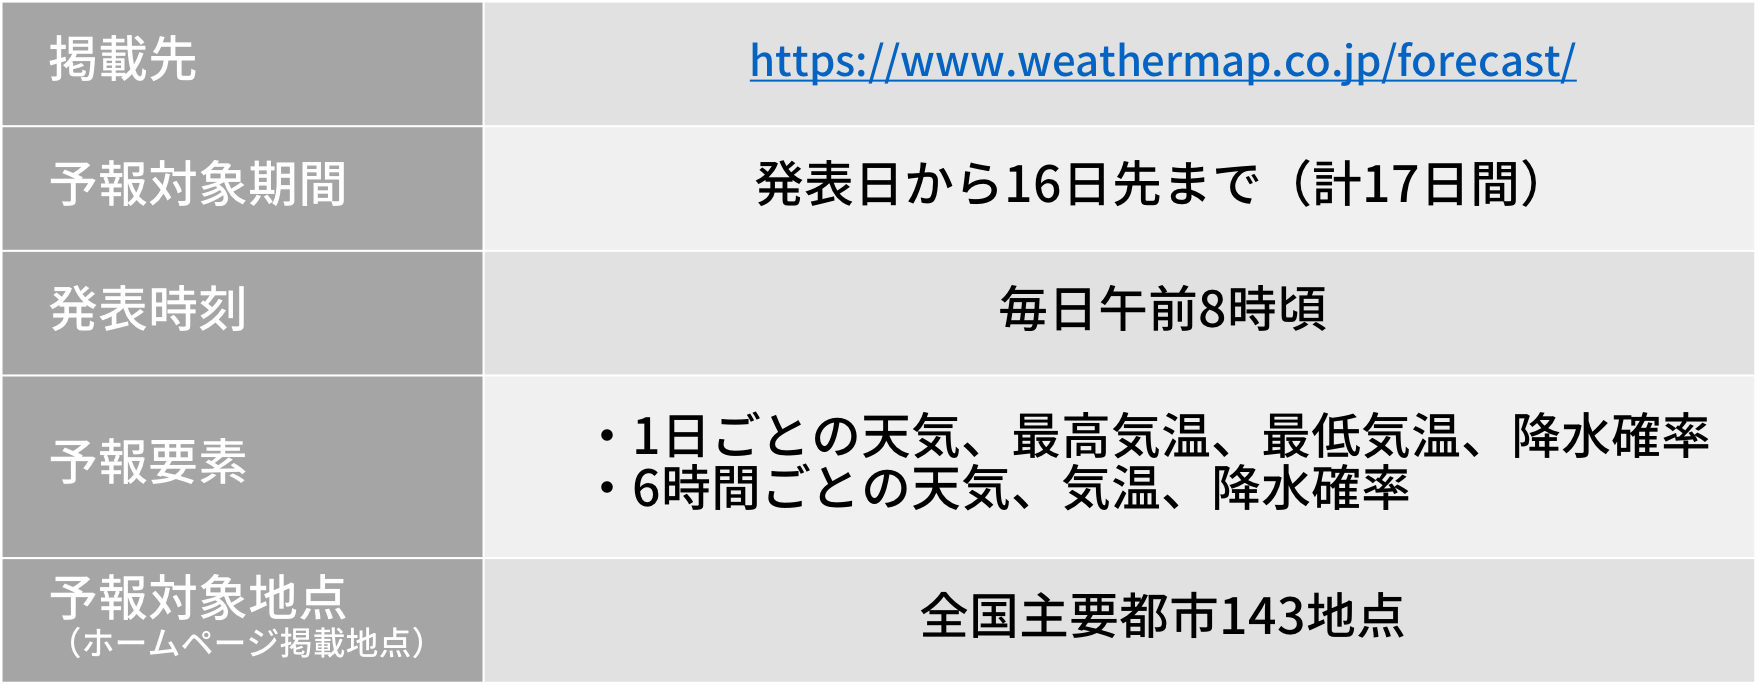 天気 二 予報 週間